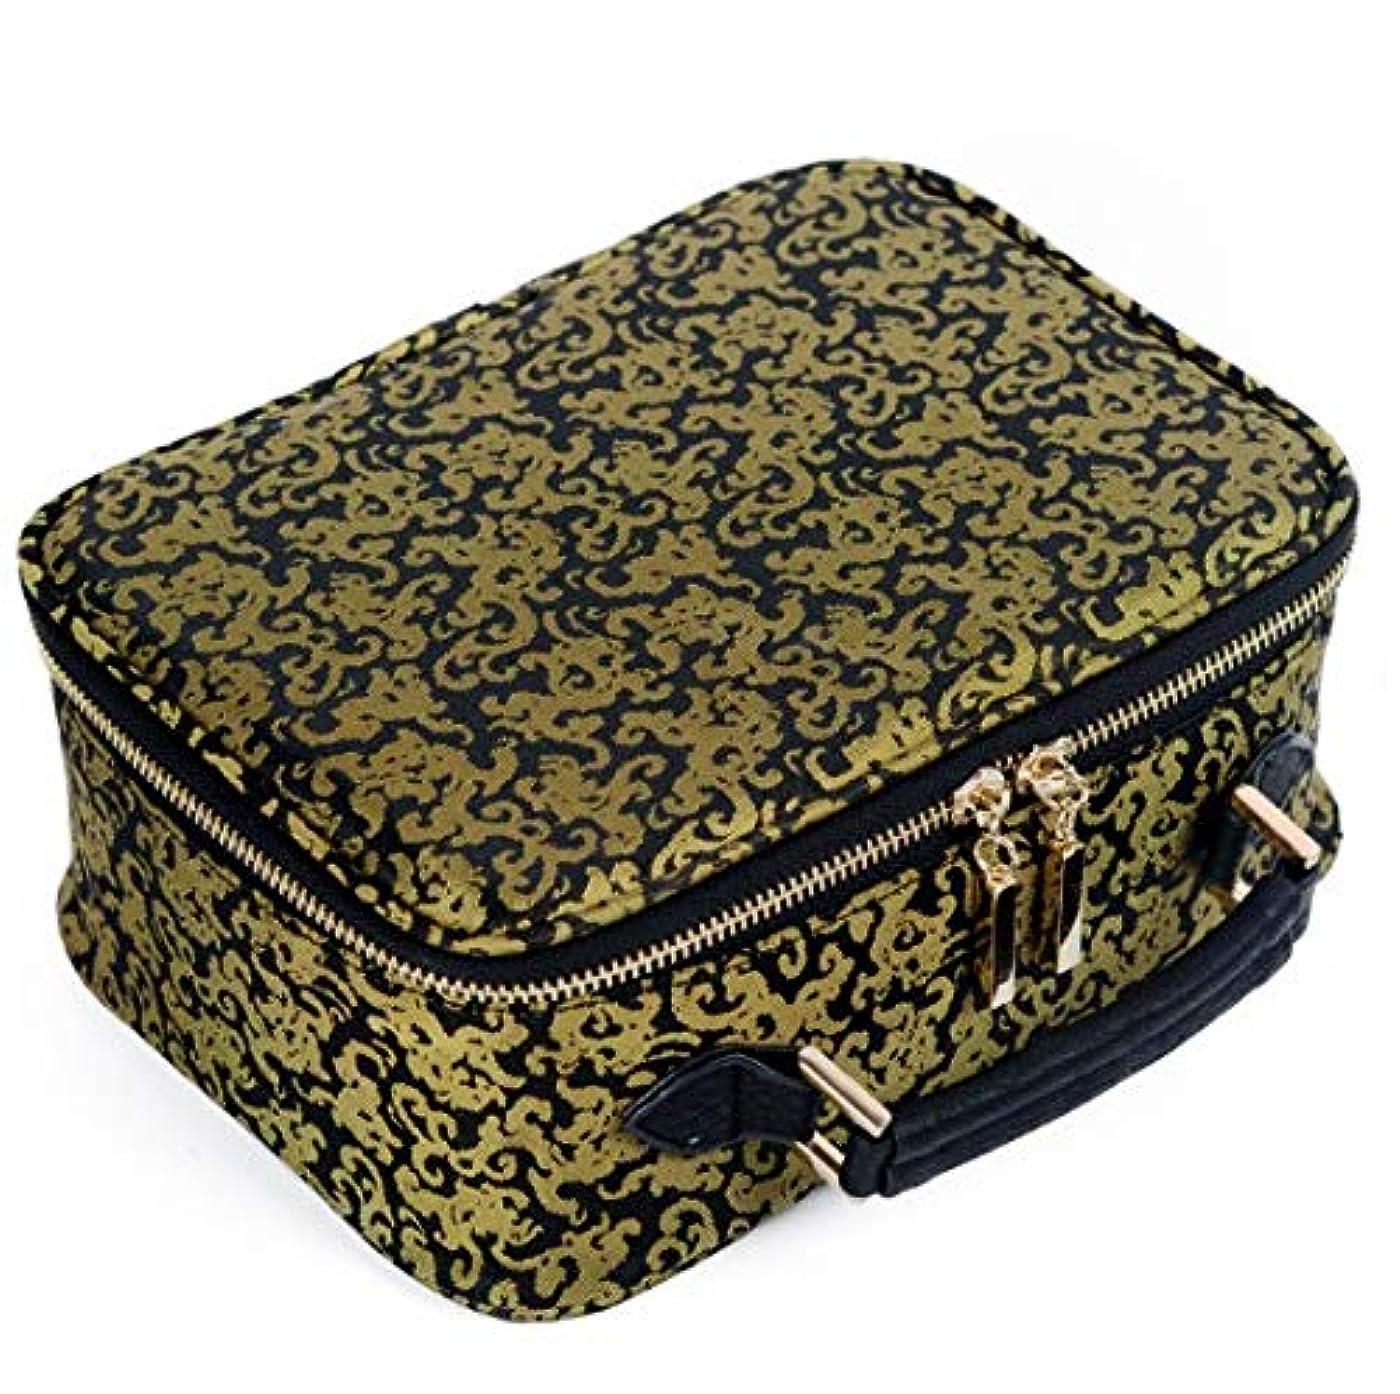 テラスコジオスコ寝るShiMin 美容バッグ、ポータブルトラベルバッグ、プリントポータブル二重層羽目板化粧品バッグ収納袋防水、男性と女性のウォッシュバッグ